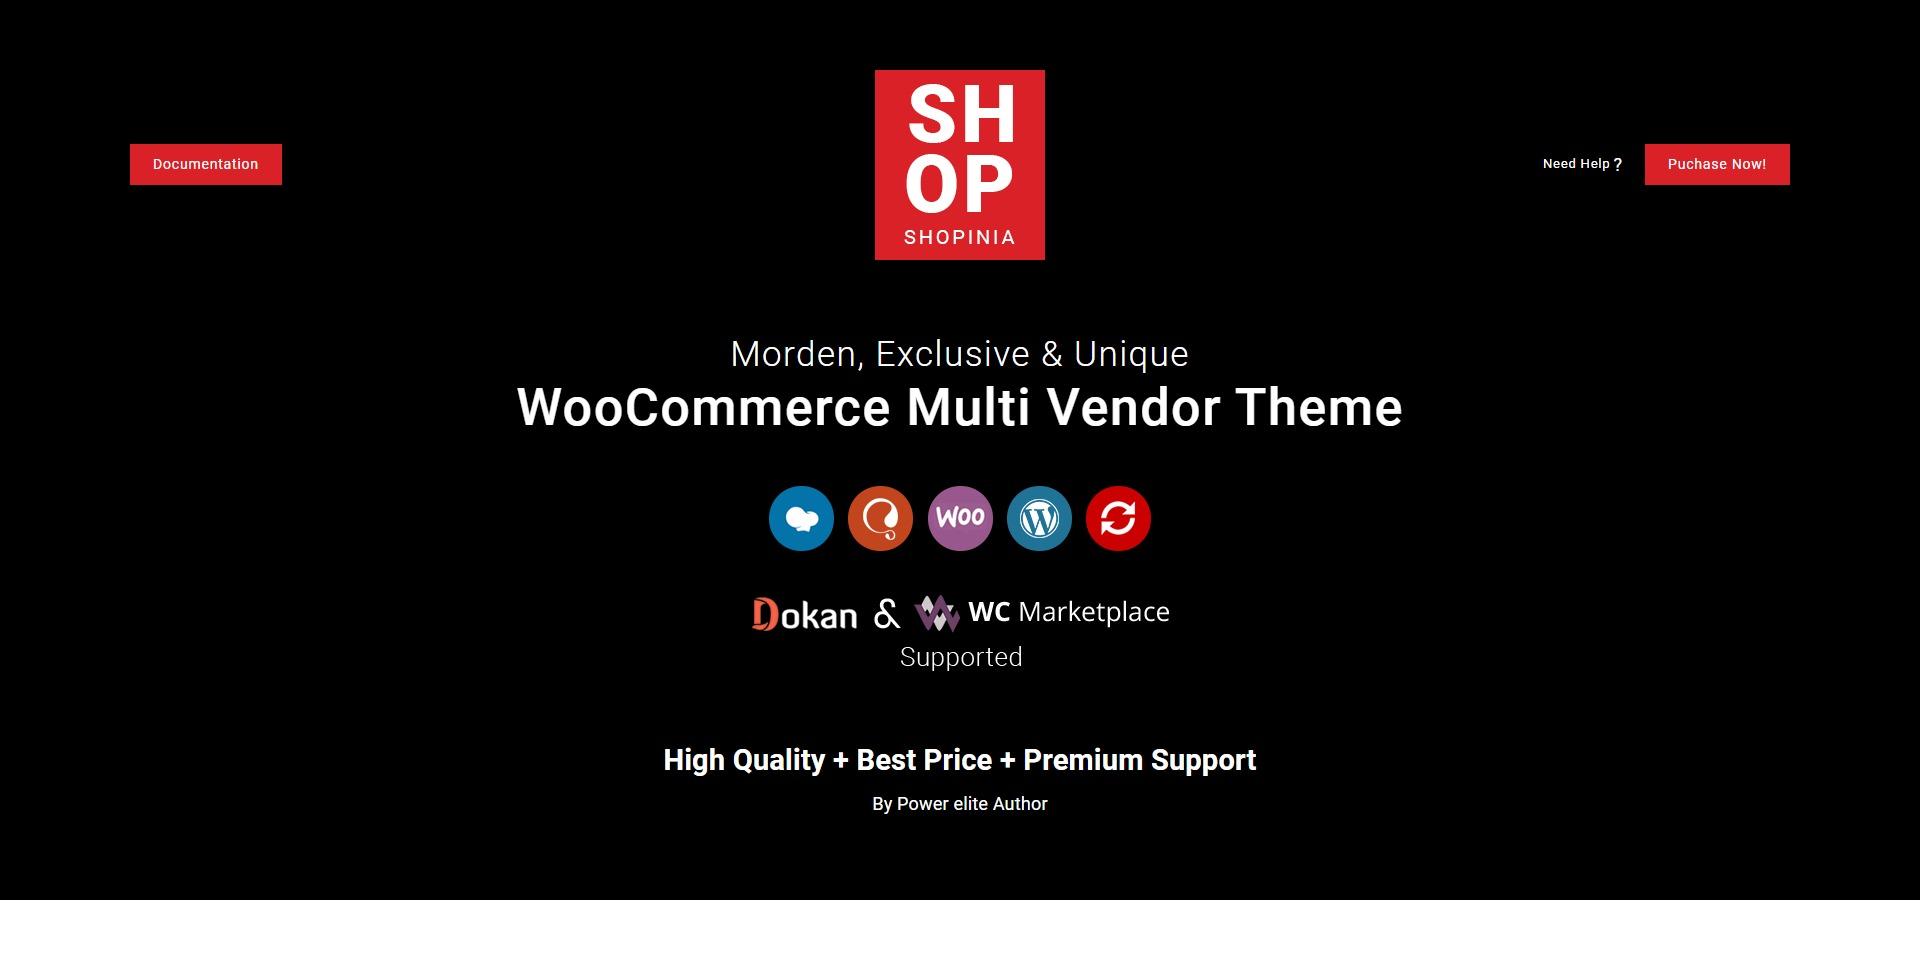 Shopinia-多功能在线购物商城WordPress主题